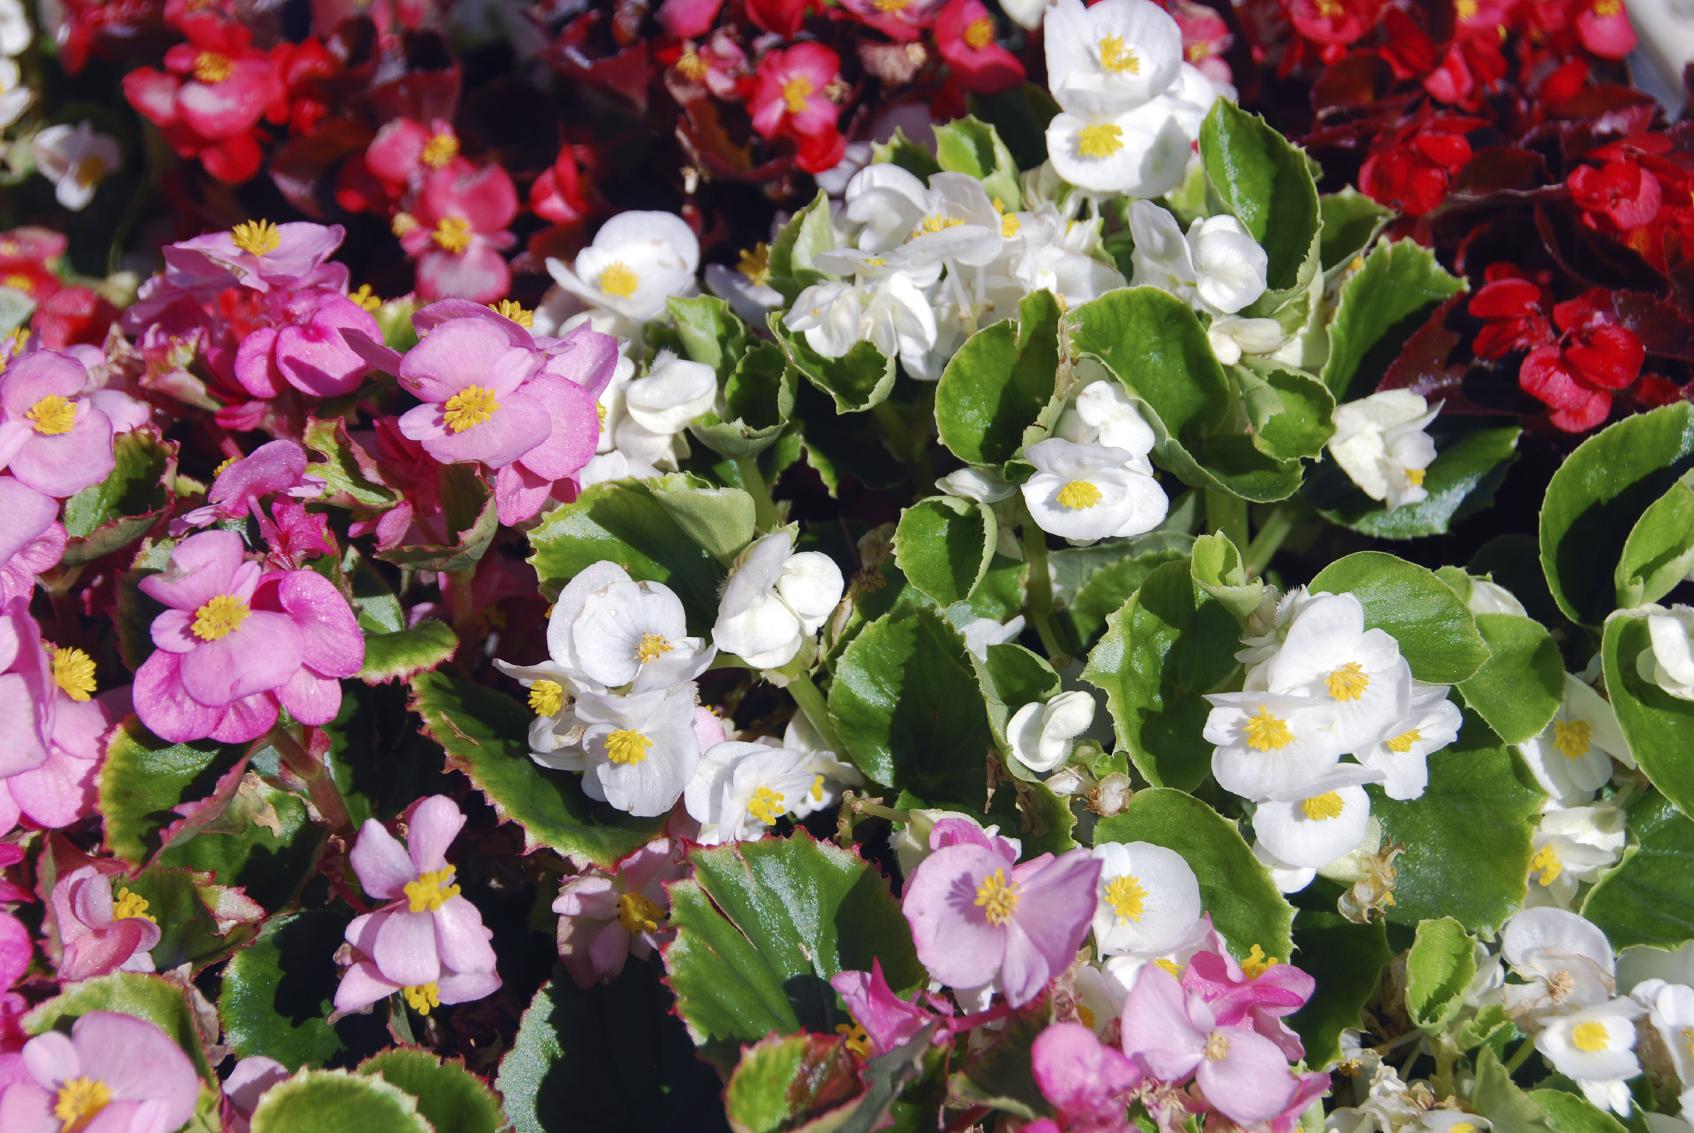 pflanzen auf balkon & terrasse » 11880-gartenbau.com - Schone Balkon Und Terrasse Gestaltung Akzente